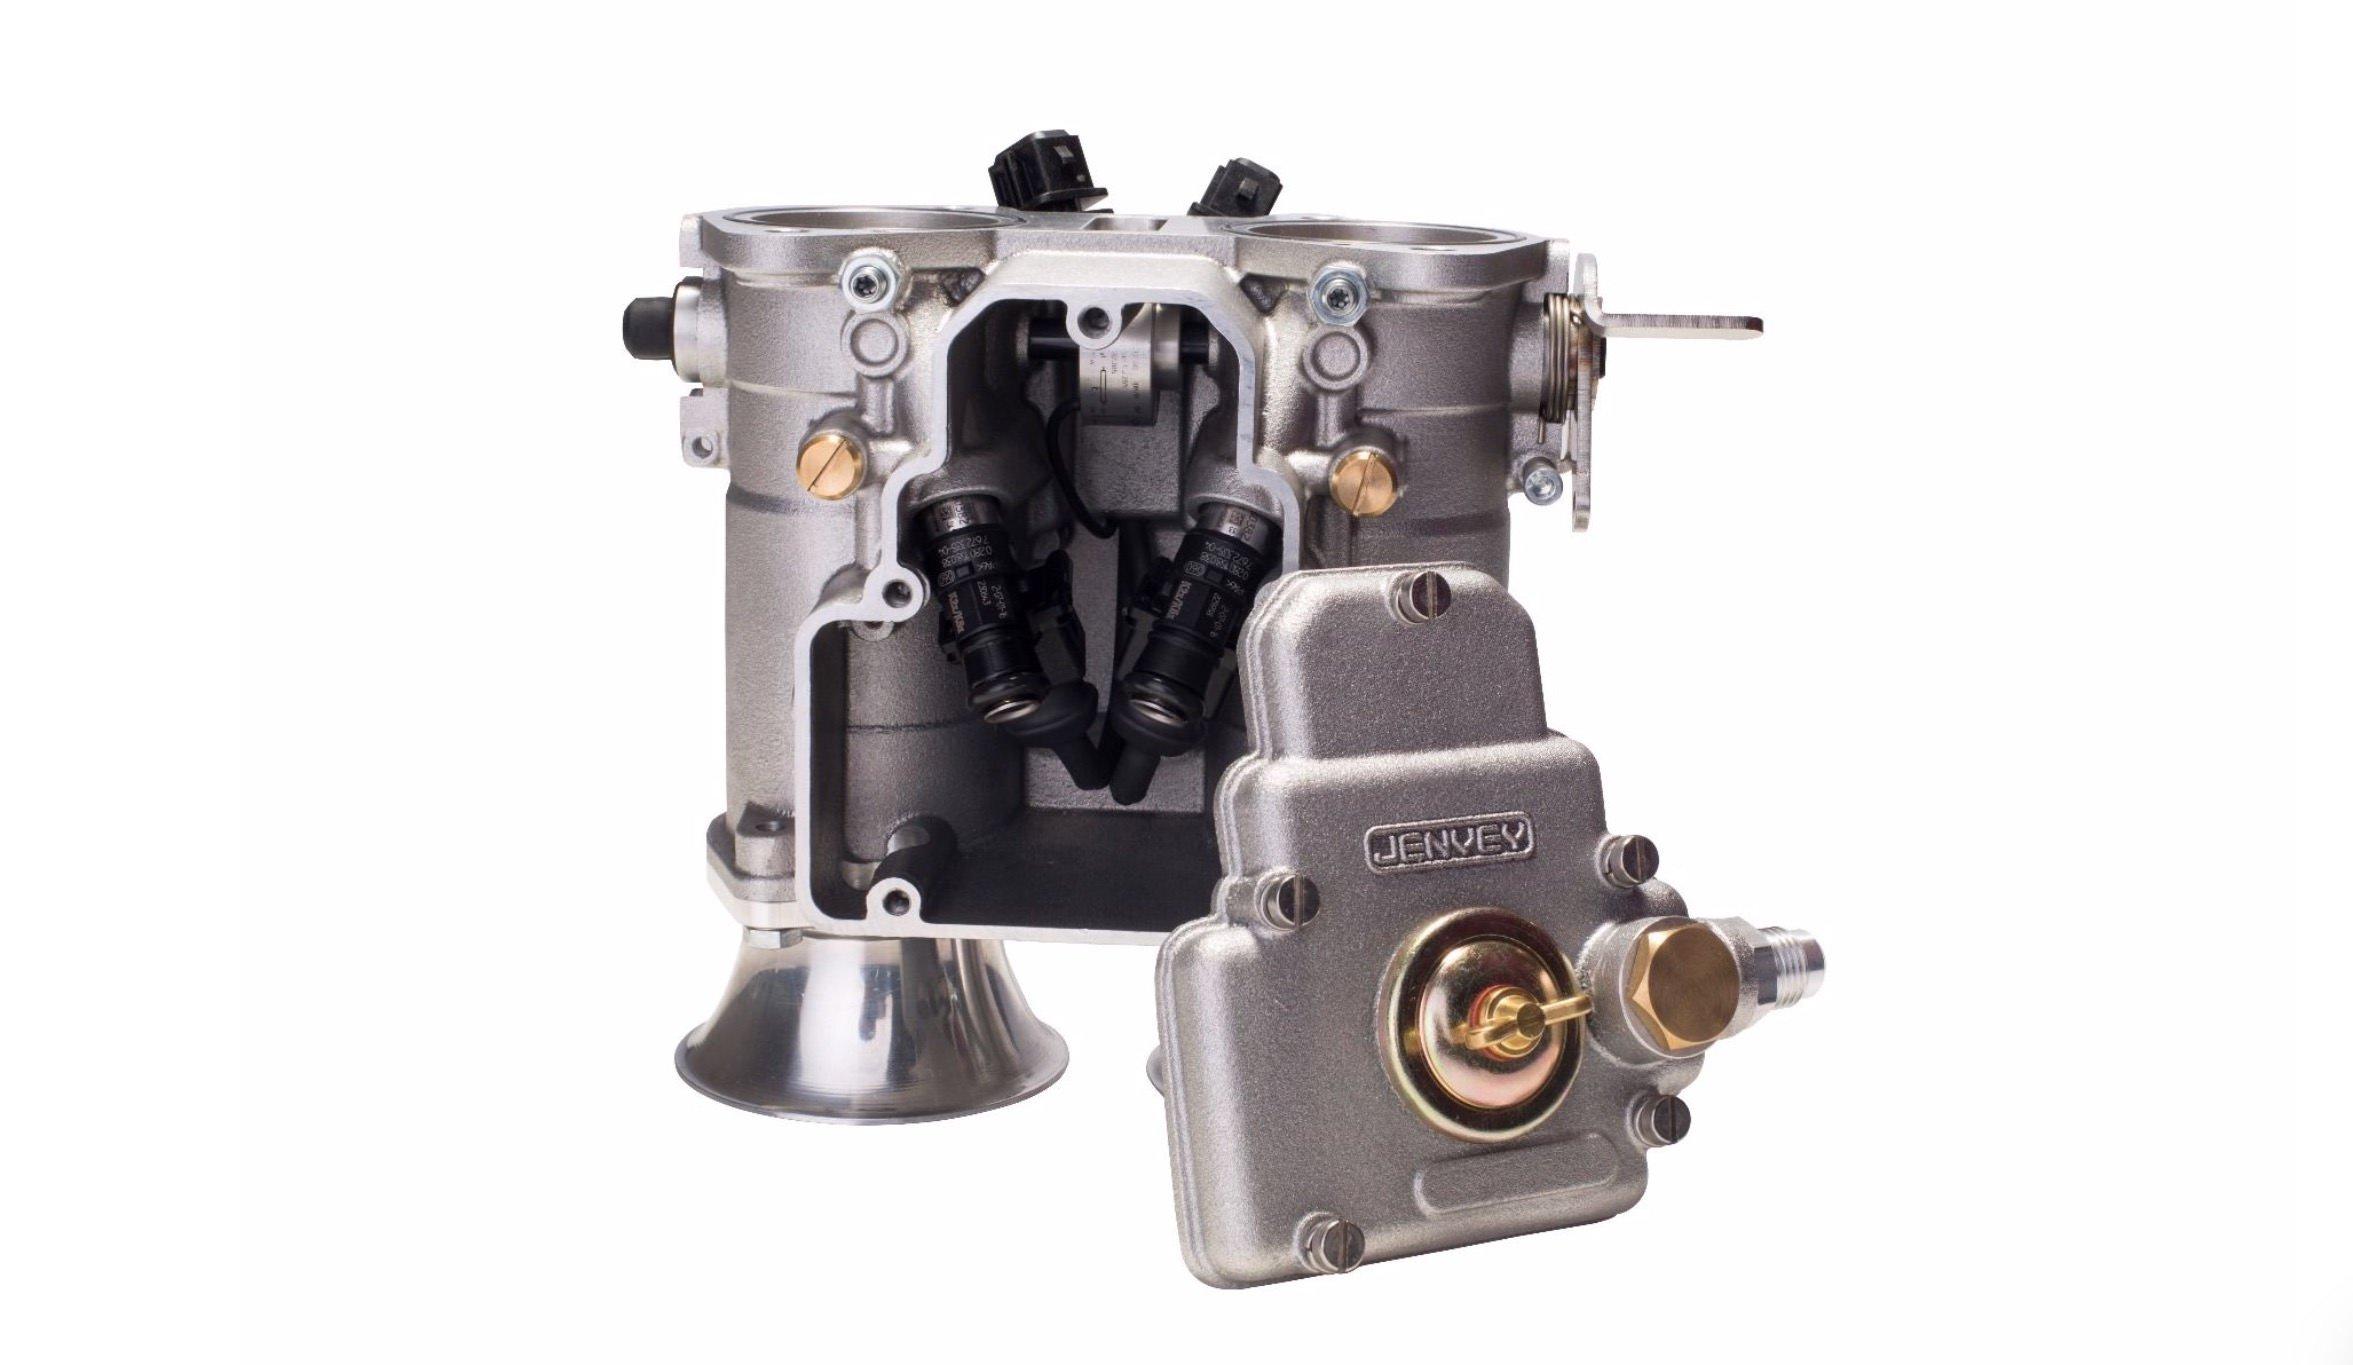 Jenvey Heritage DCOE Throttle Body Open